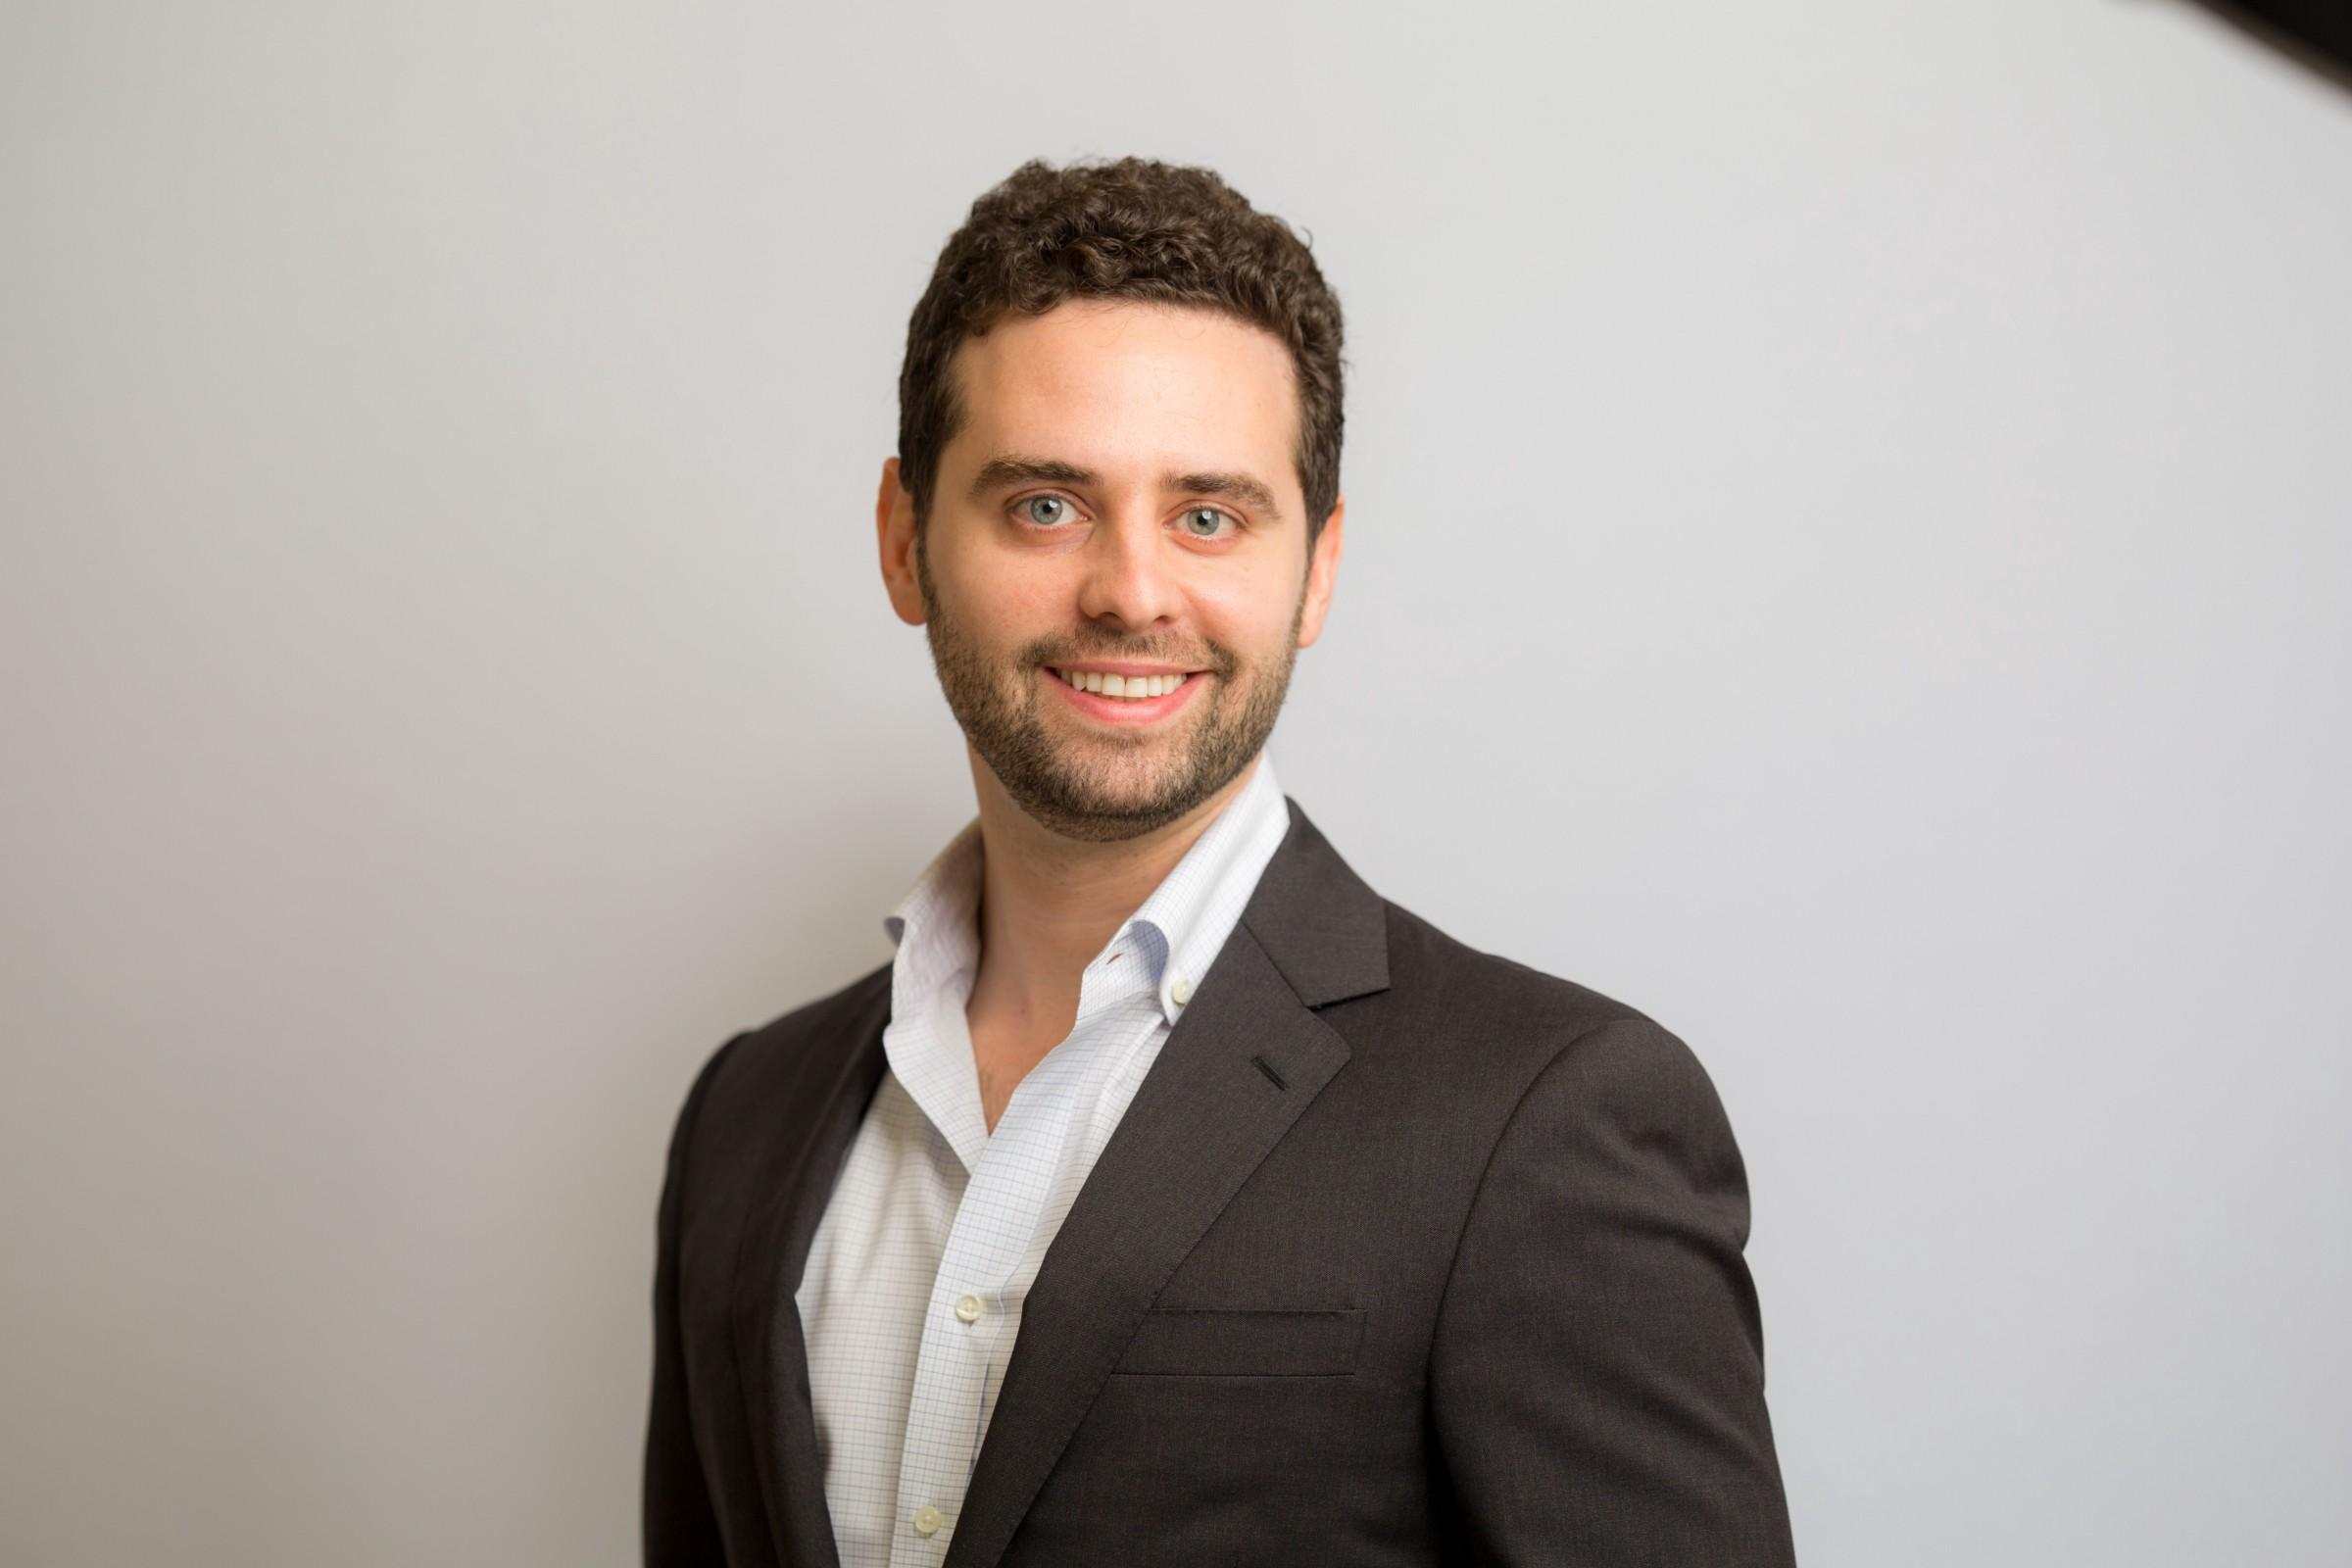 Travis Scher, vicepresidente de Digital Currency Group, considera que el bajón del 2018 hará más fuerte la industria criptográfica